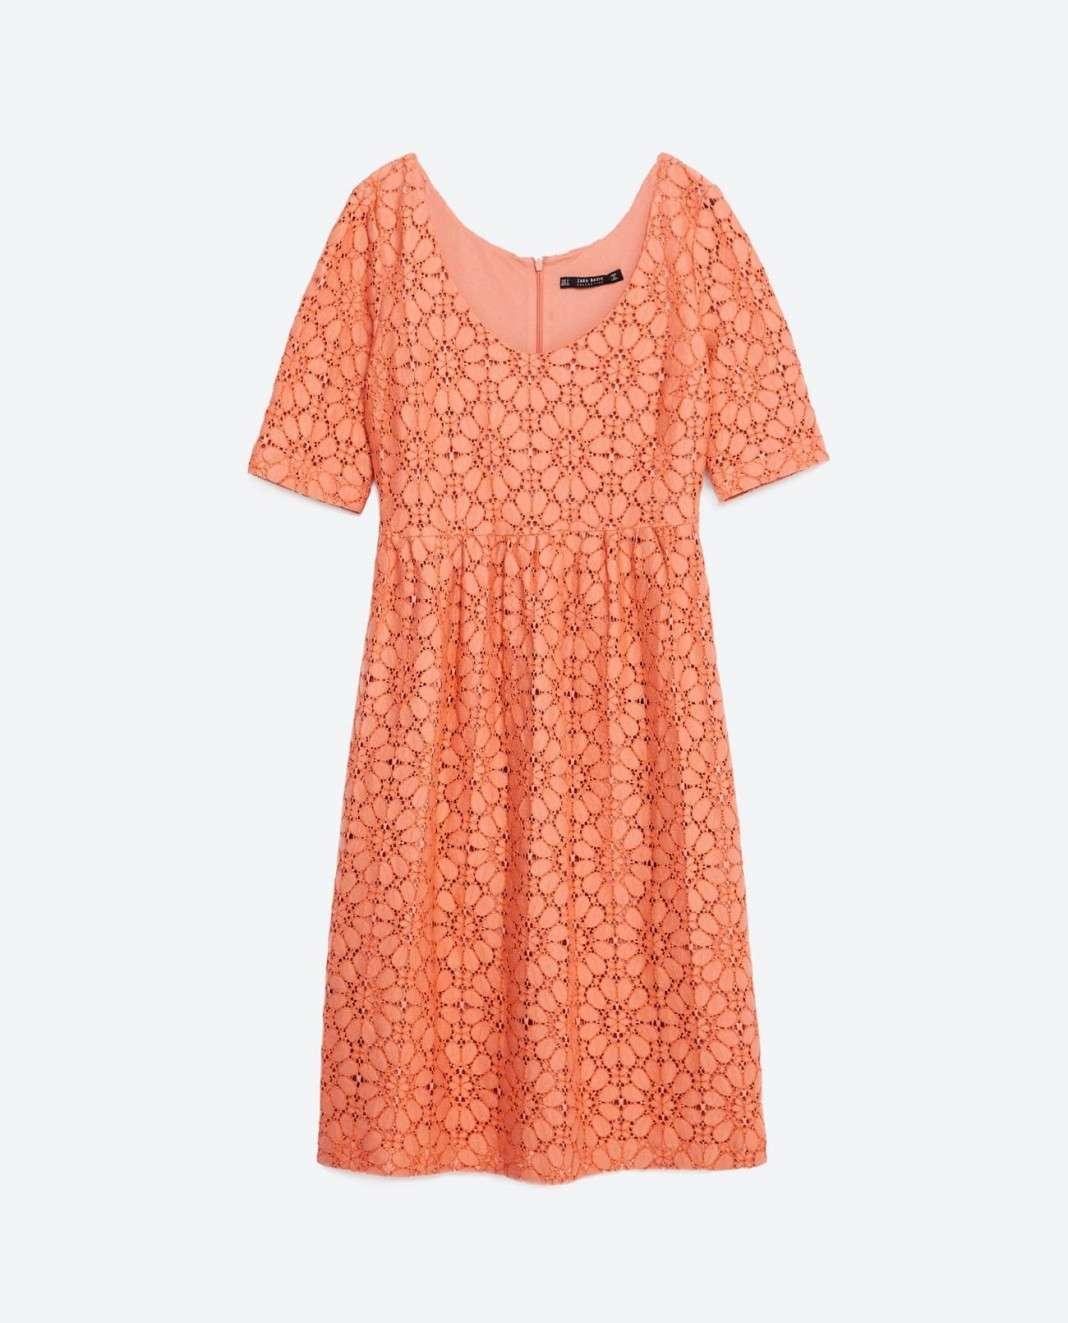 vestidos de Zara para el verano 2016 salmon encaje